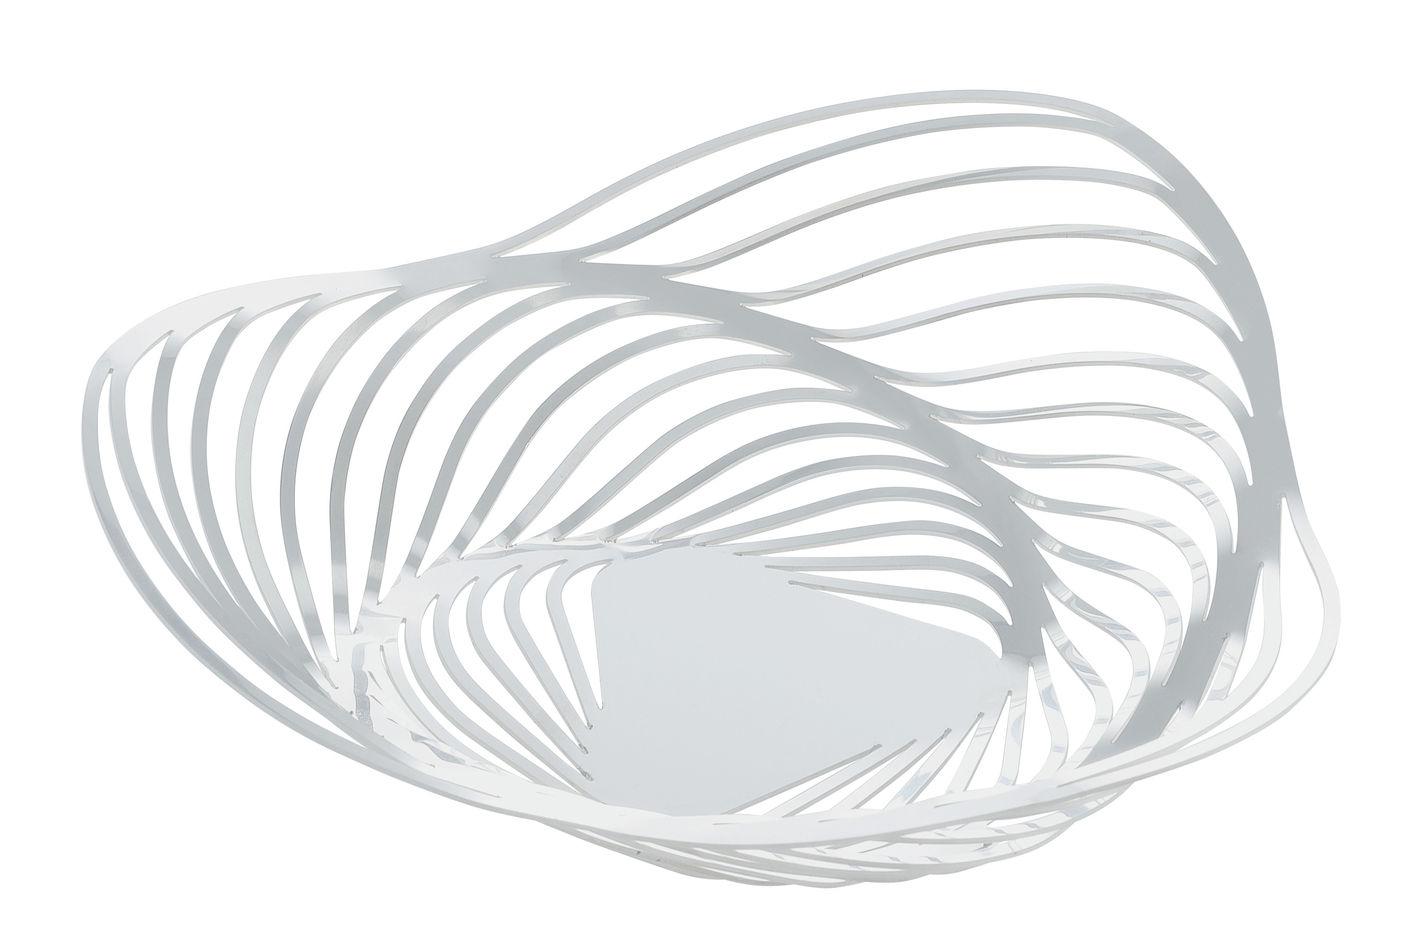 Tischkultur - Körbe, Fruchtkörbe und Tischgestecke - Trinity Korb / Ø 26 x H 7 cm - Alessi - Weiß - bemalter Stahl